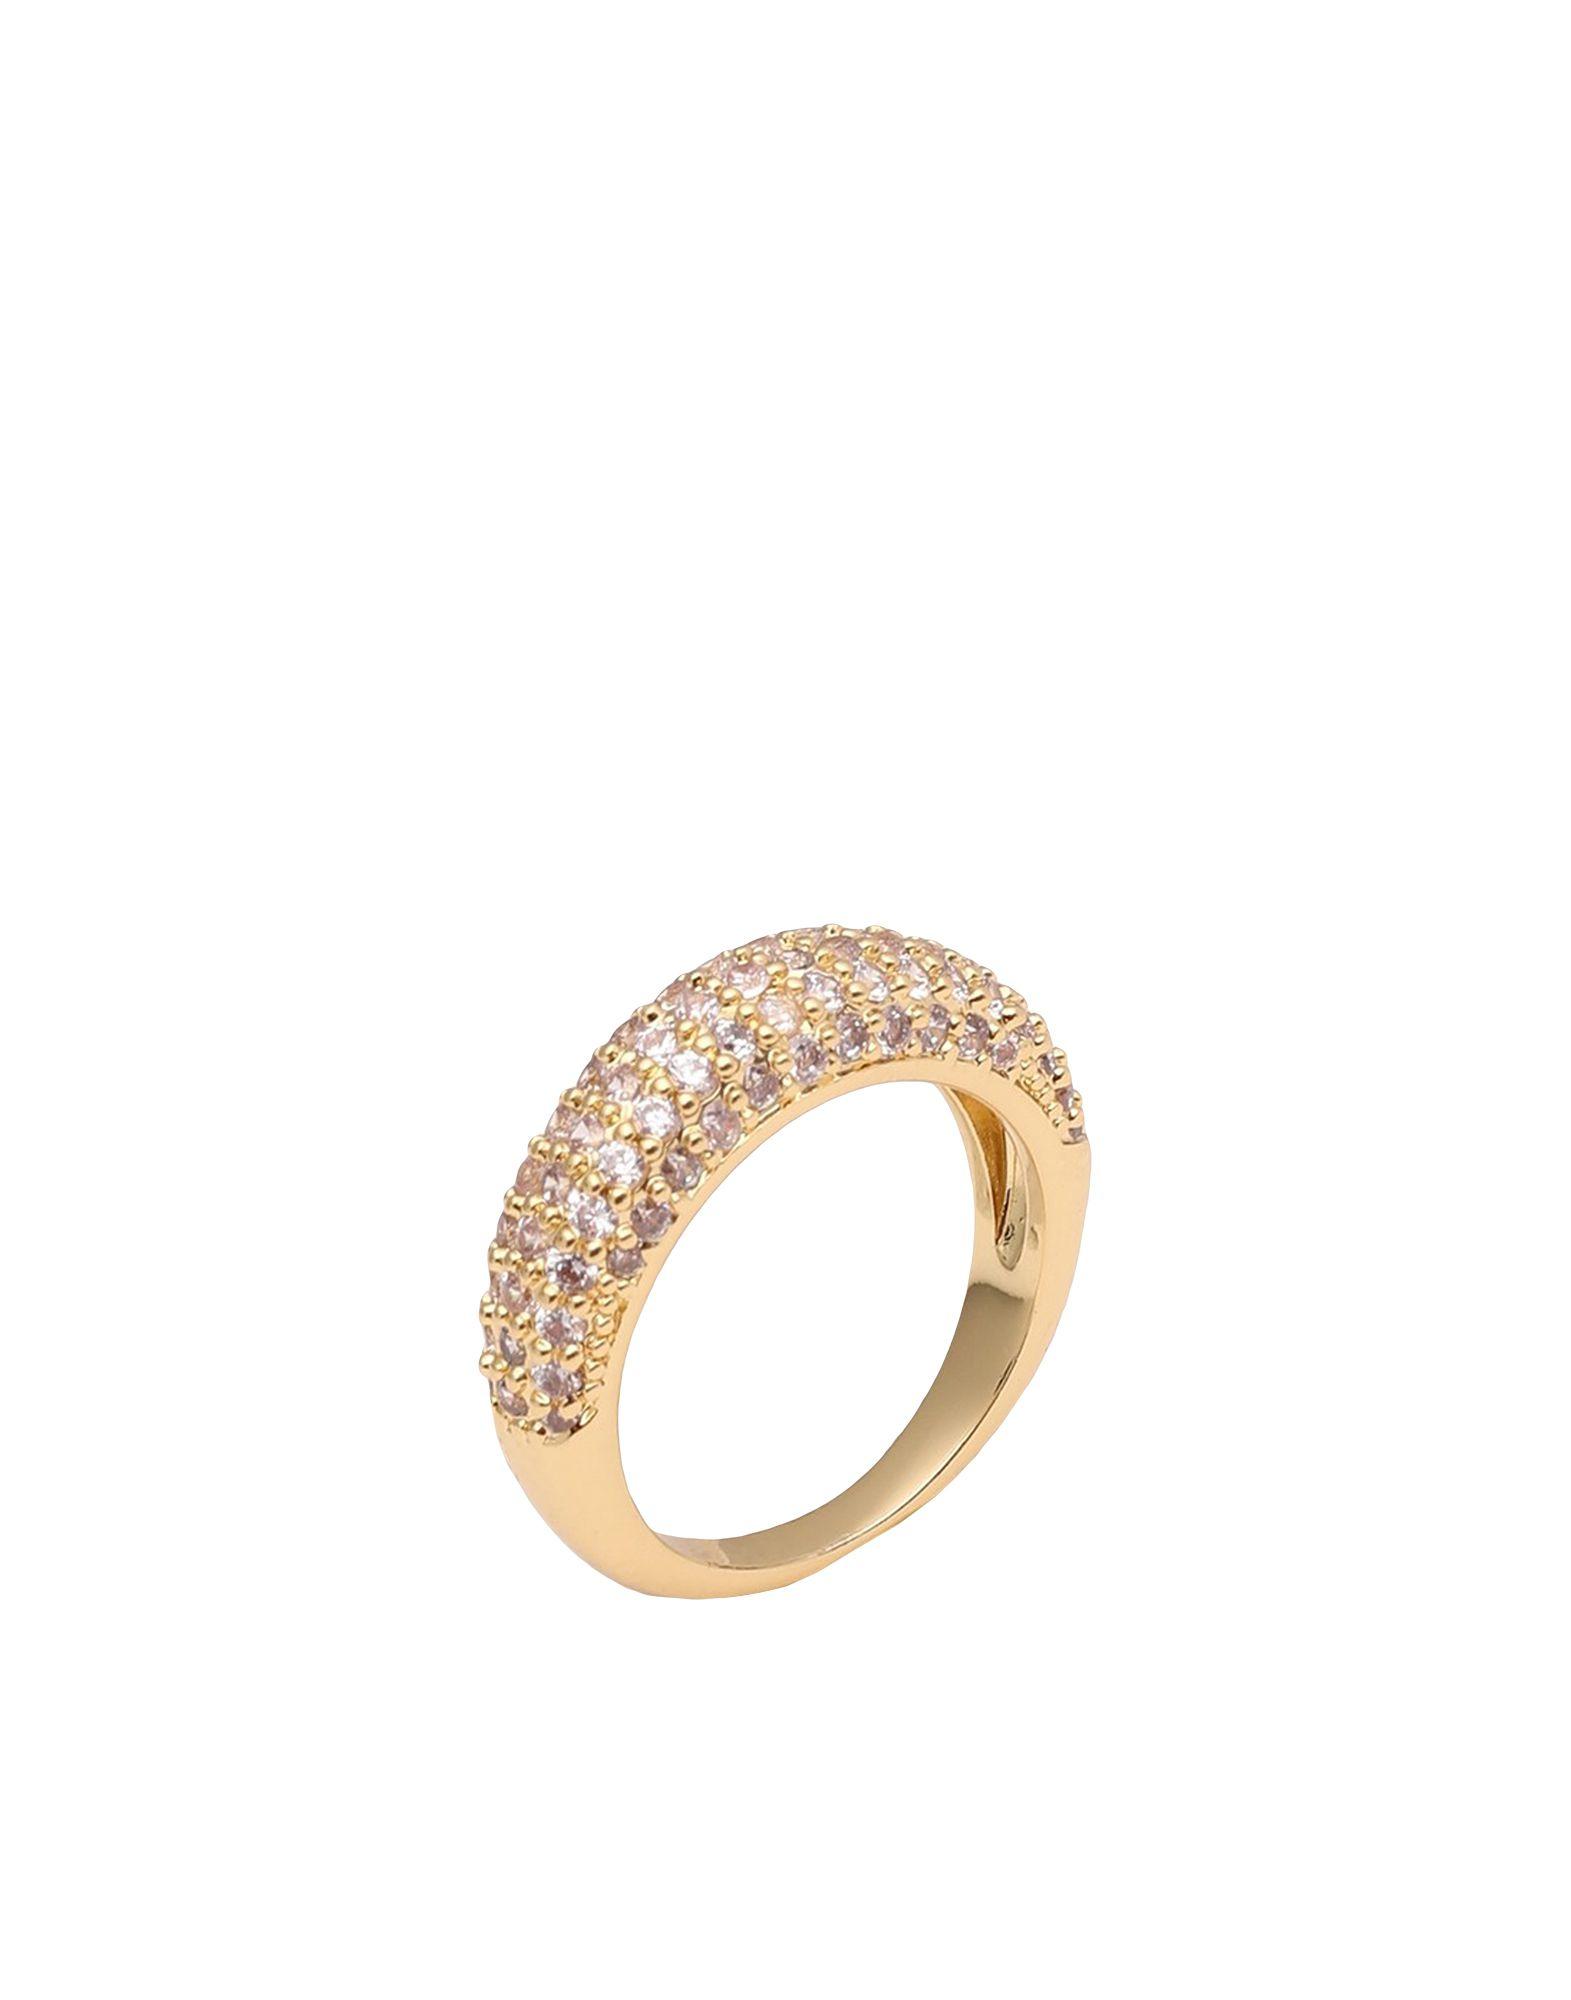 《セール開催中》LUV AJ レディース 指輪 ゴールド 6 真鍮/ブラス / クリスタル PAVE TUBE RING